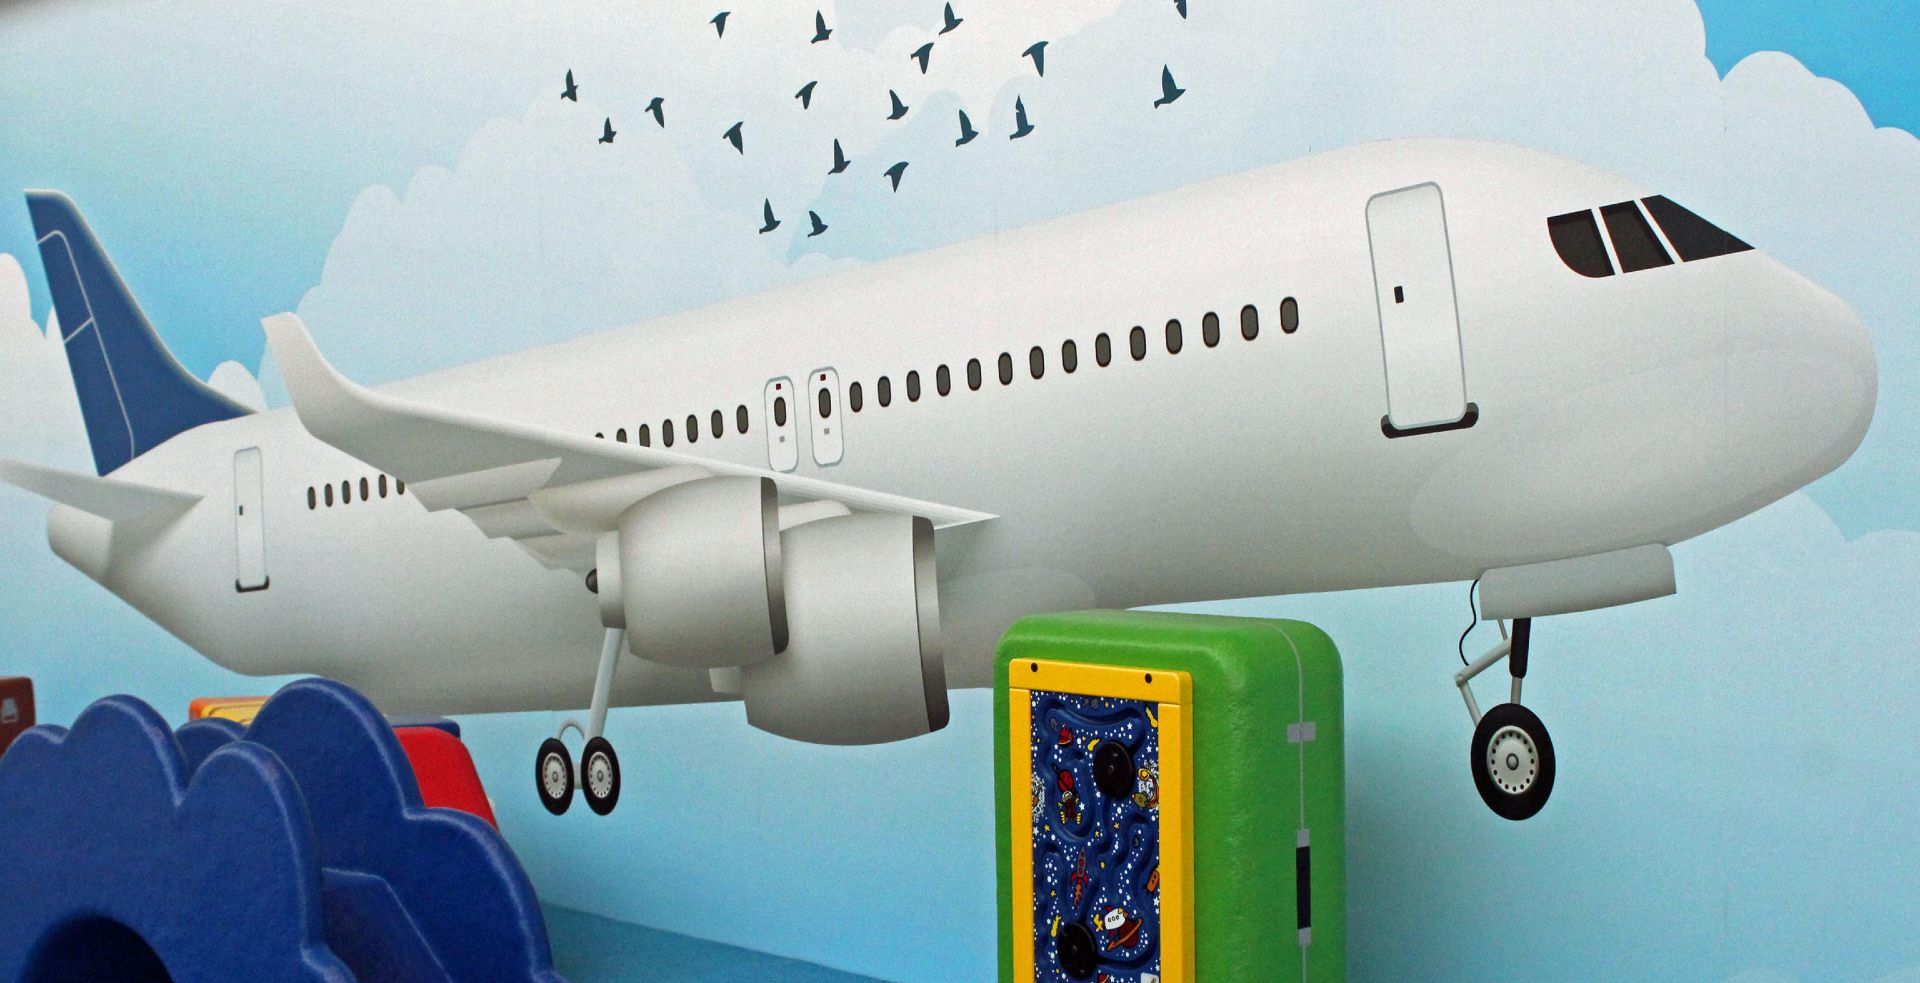 Prendereste un aereo per atterrare nello stesso aeroporto da cui siete partiti?